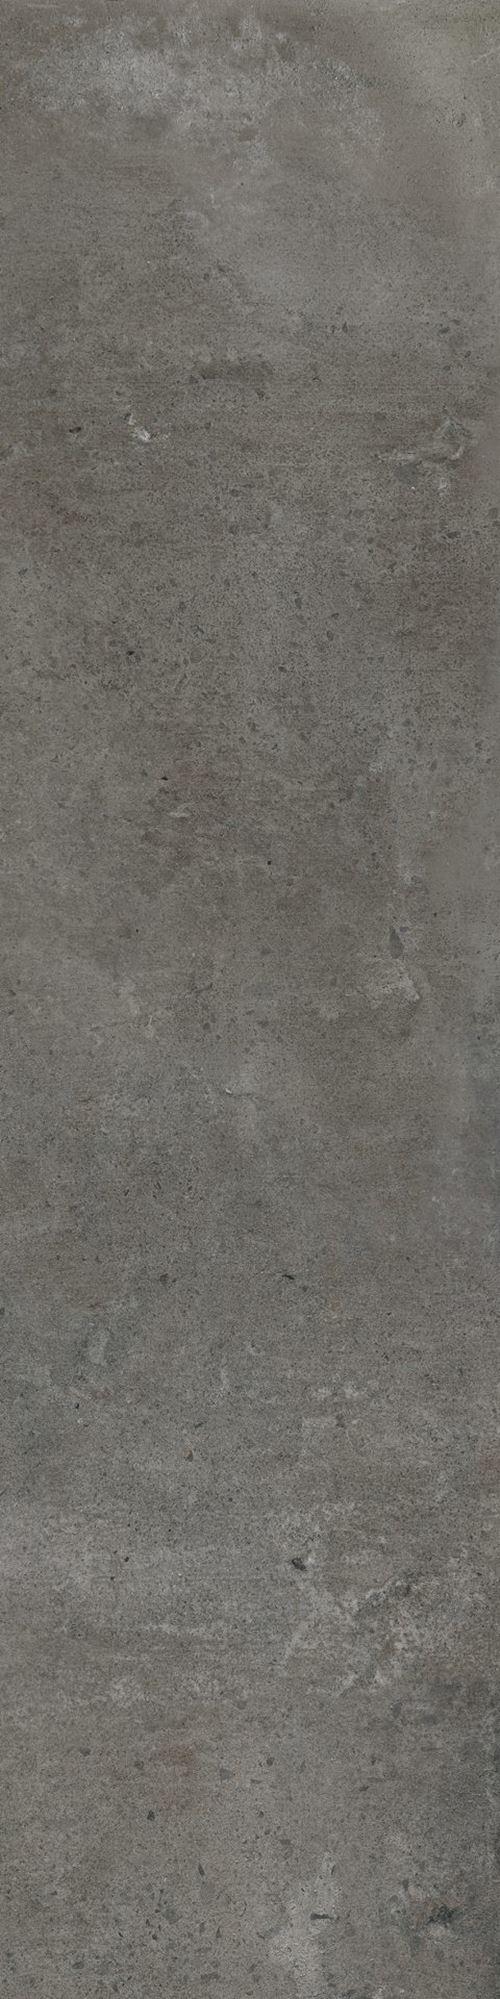 Cerrad Softcement graphite Poler 30x120